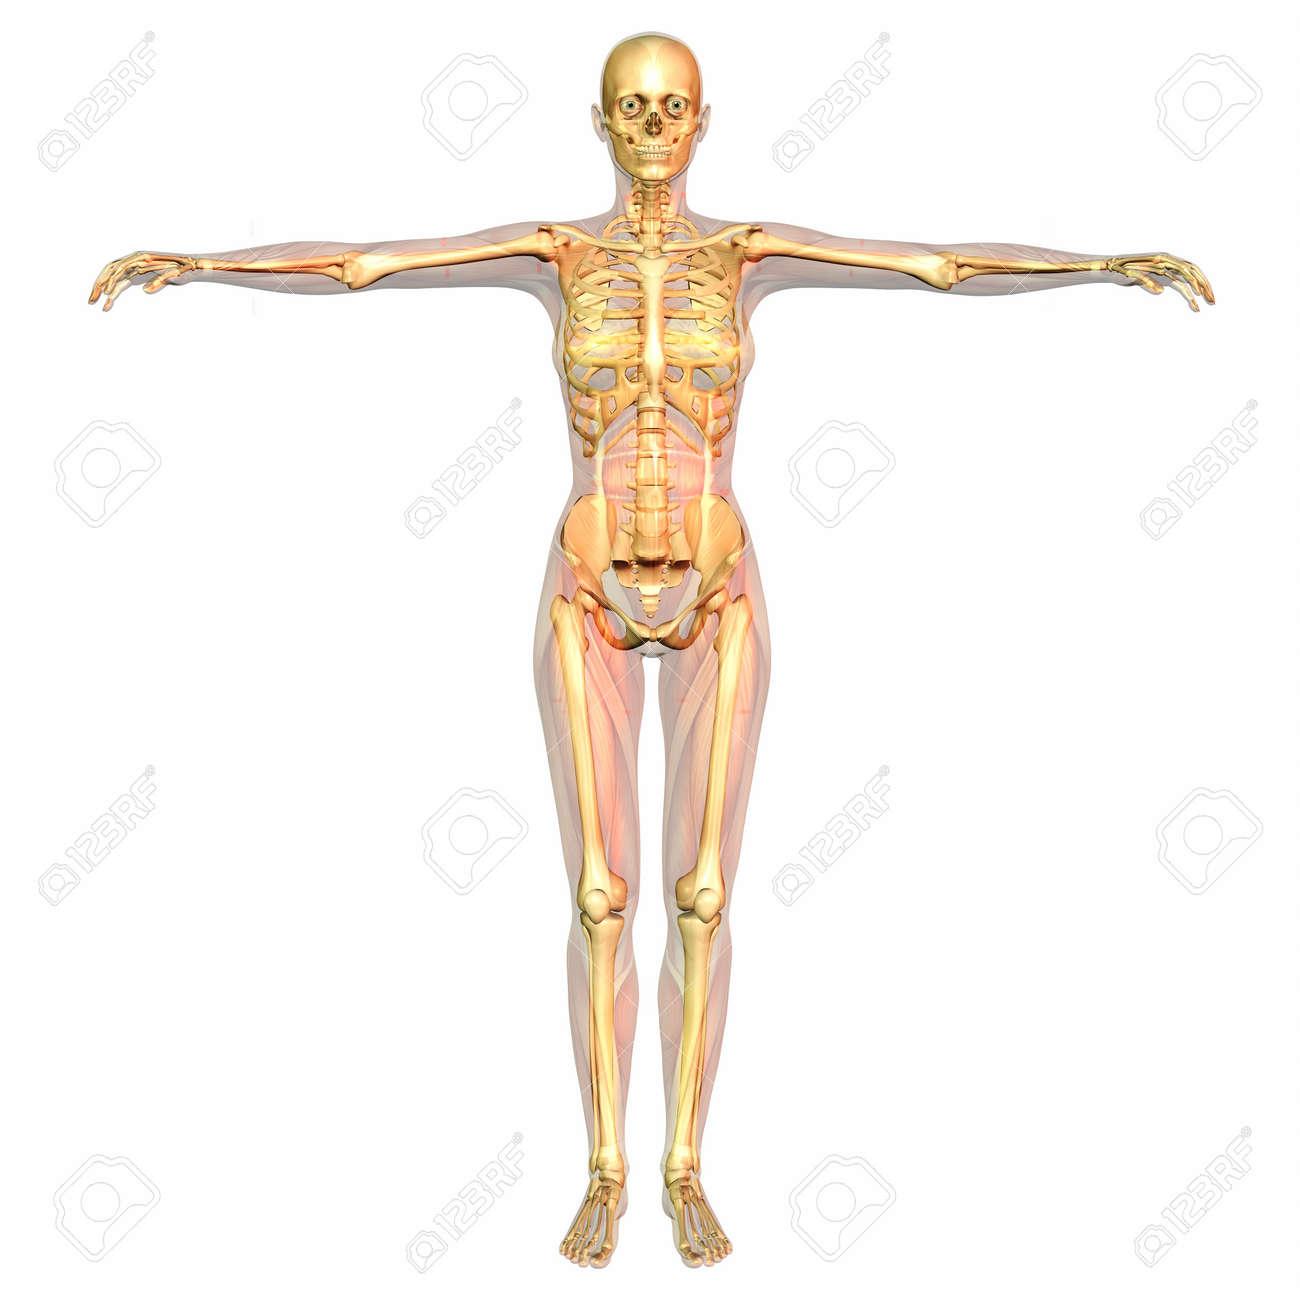 Digitale Visualisierung Der Menschlichen Anatomie Lizenzfreie Fotos ...